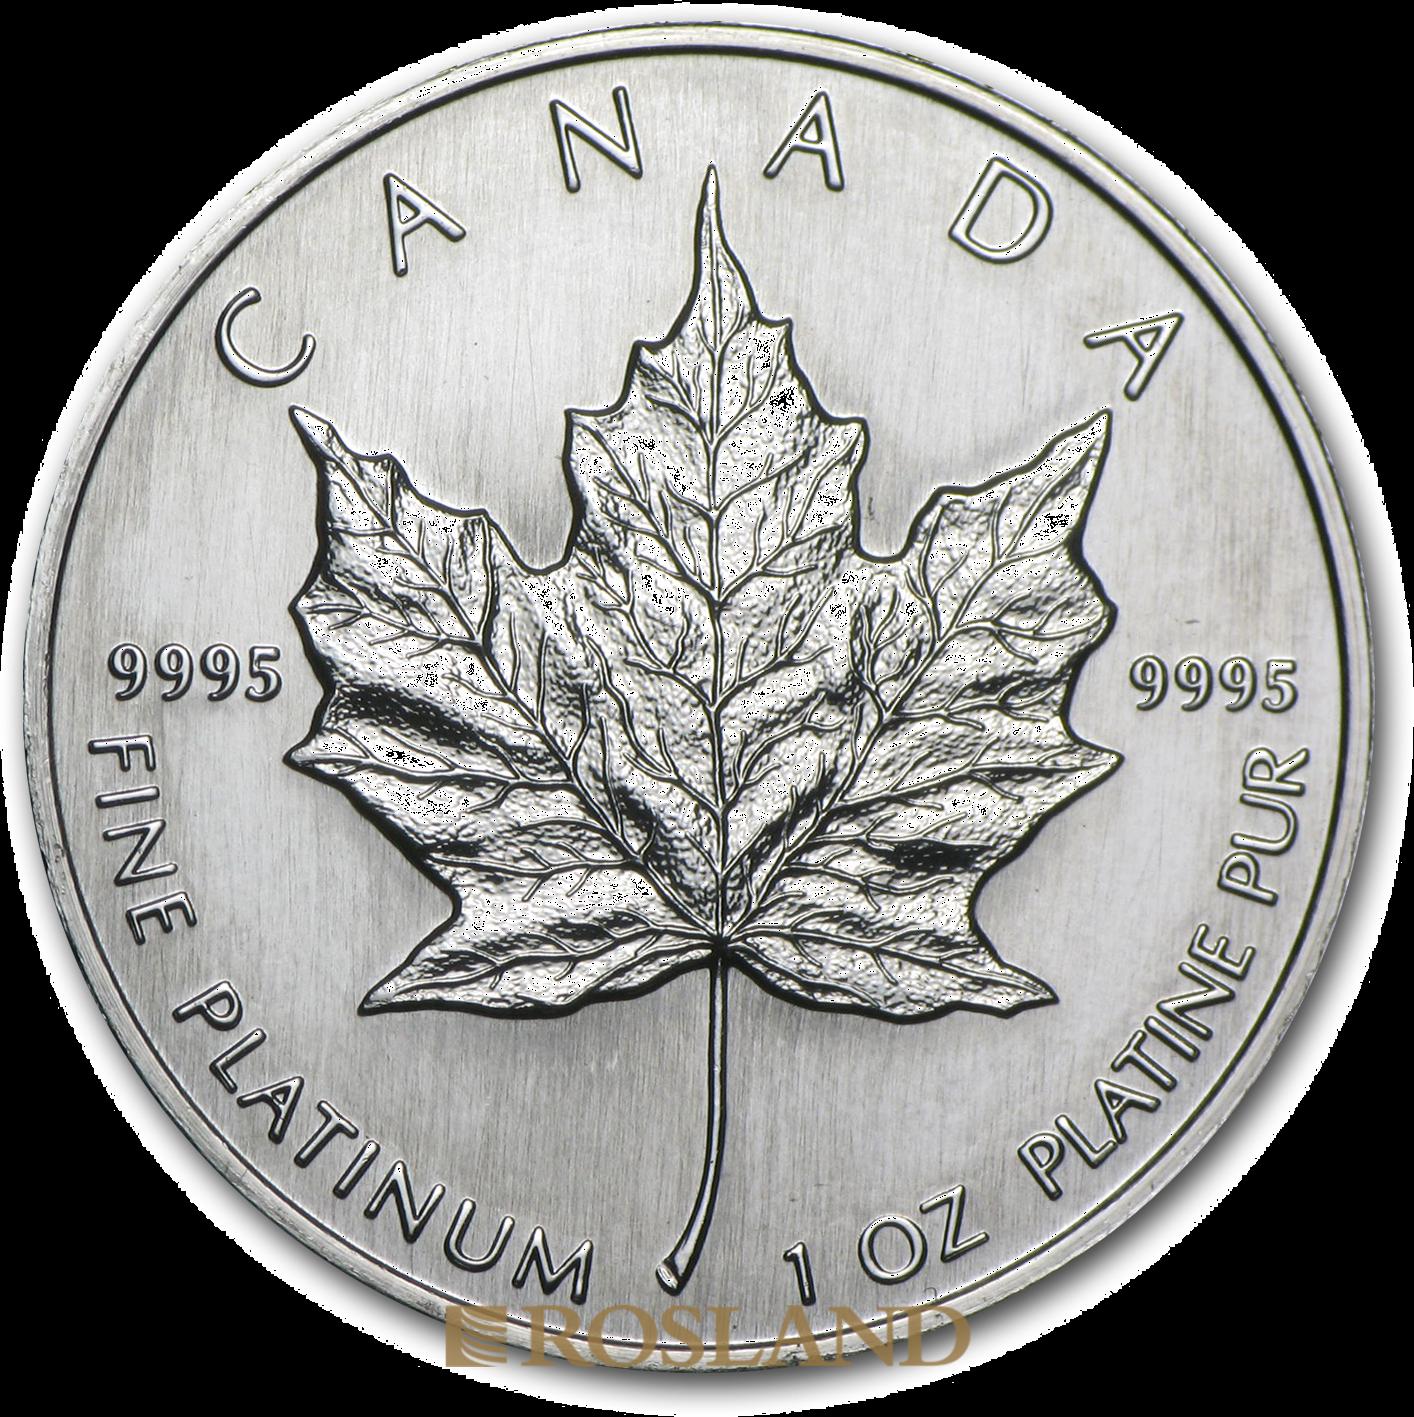 1 Unze Platinmünze Kanada Maple Leaf 1991